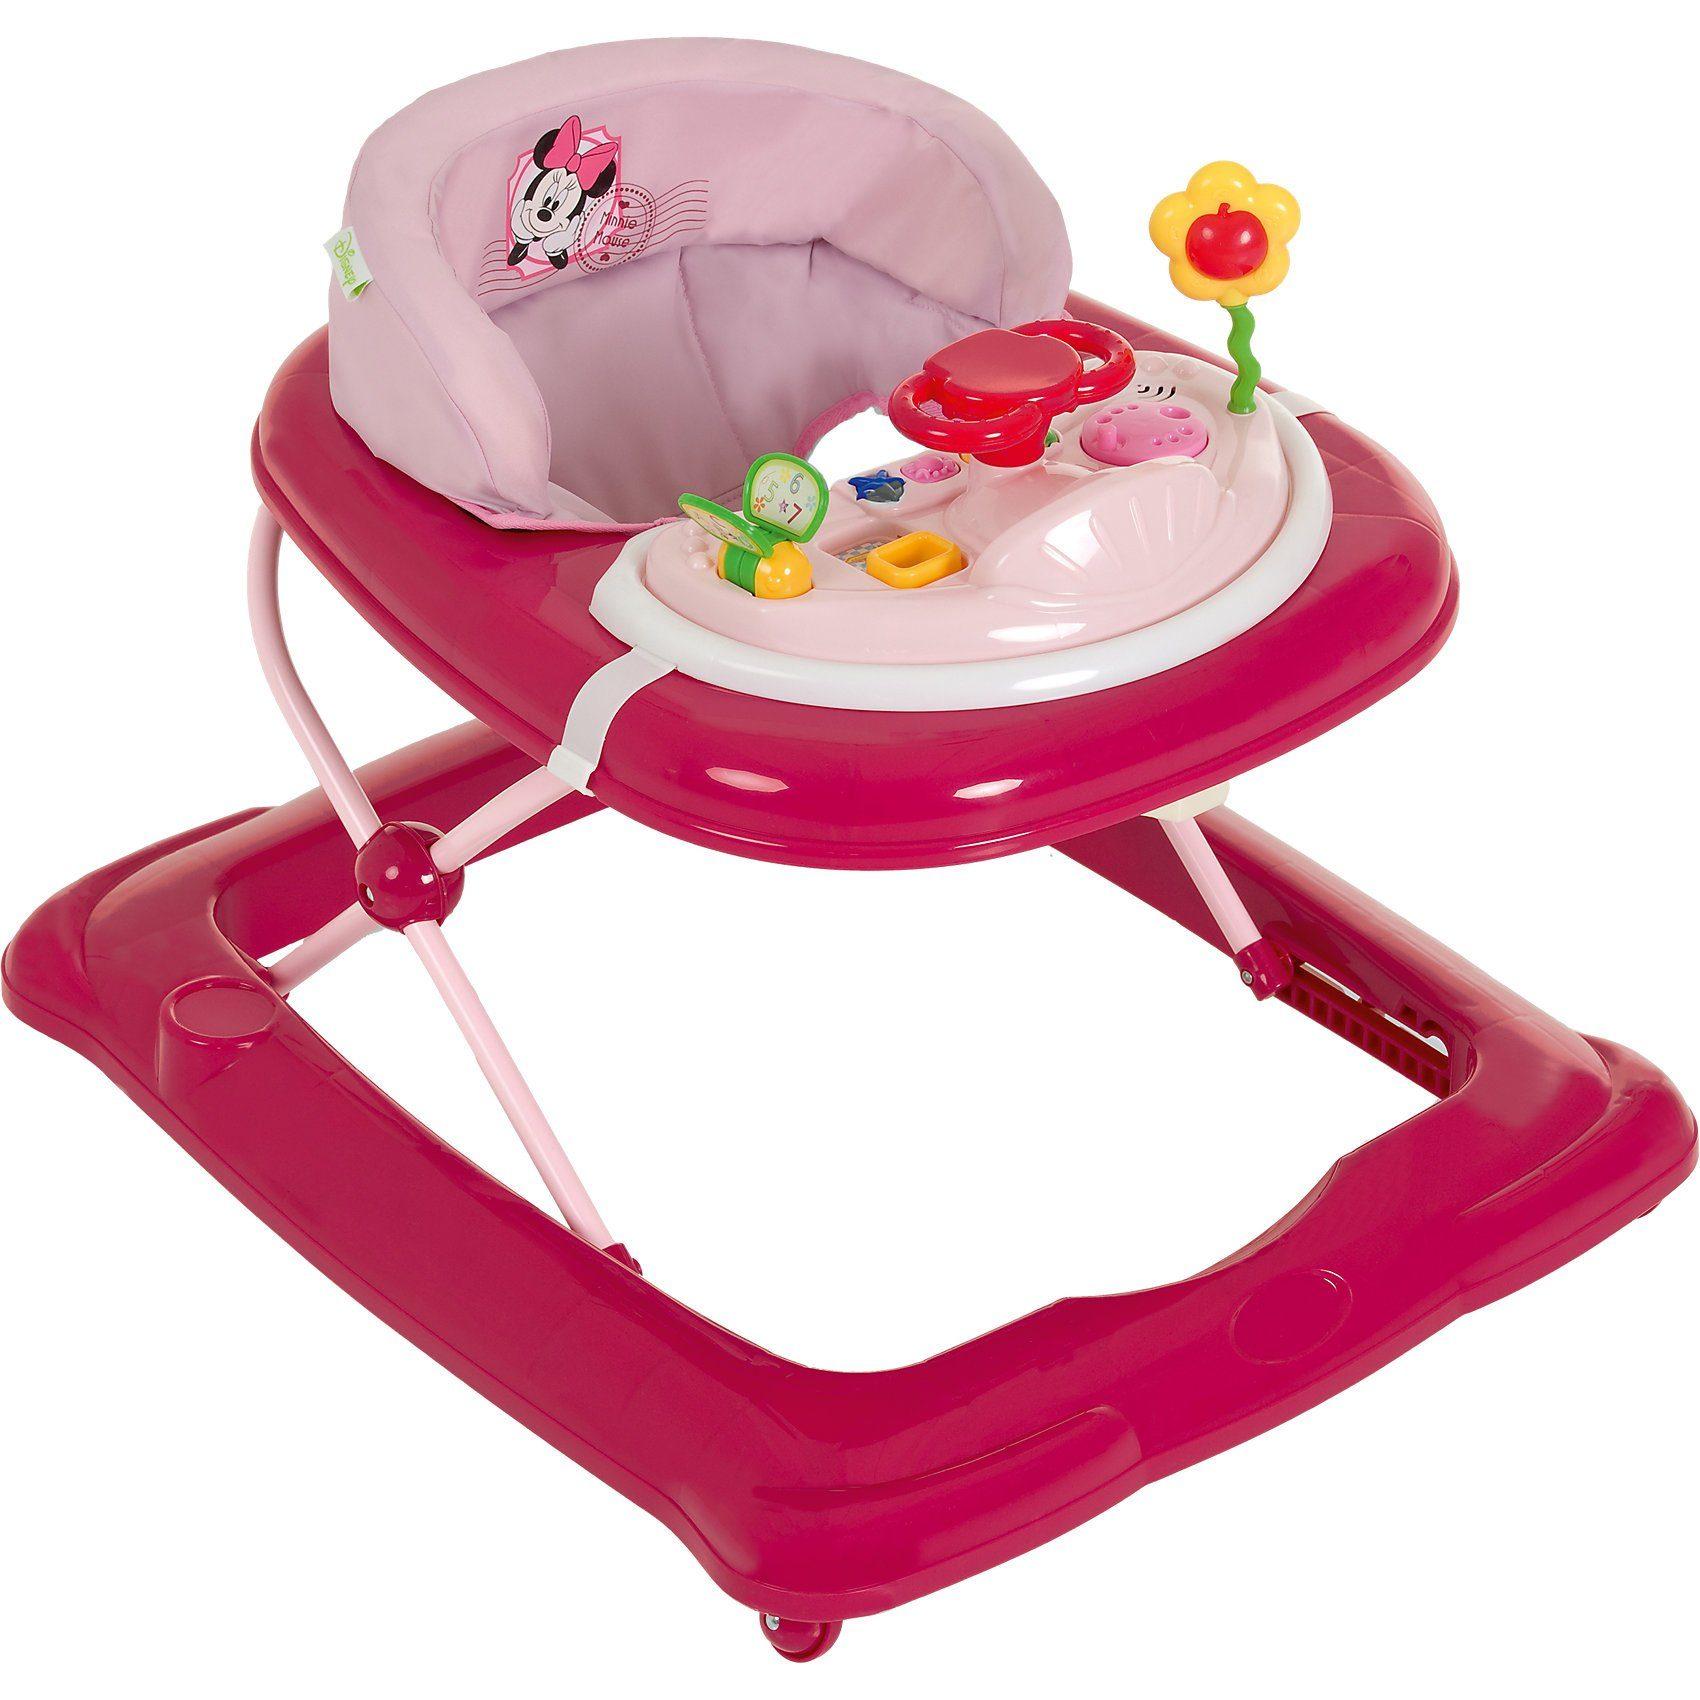 Hauck Lauflernhilfe Player, minnie pink II